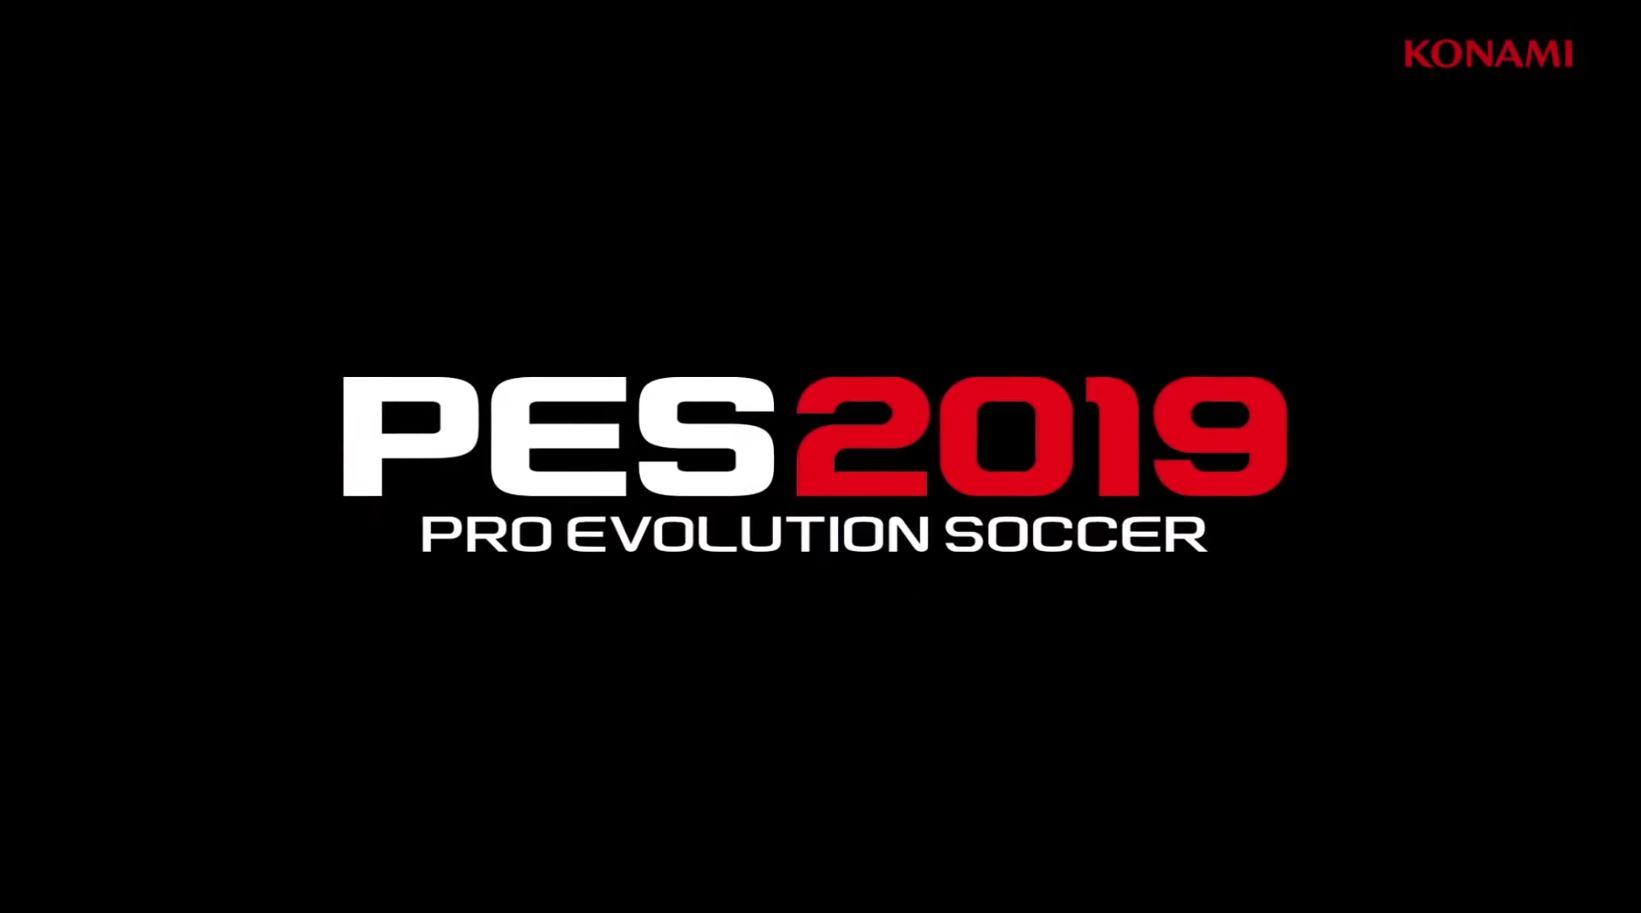 Pes 2019 Anunciado Saldra En Agosto Para Ps4 Xbox One Y Pc